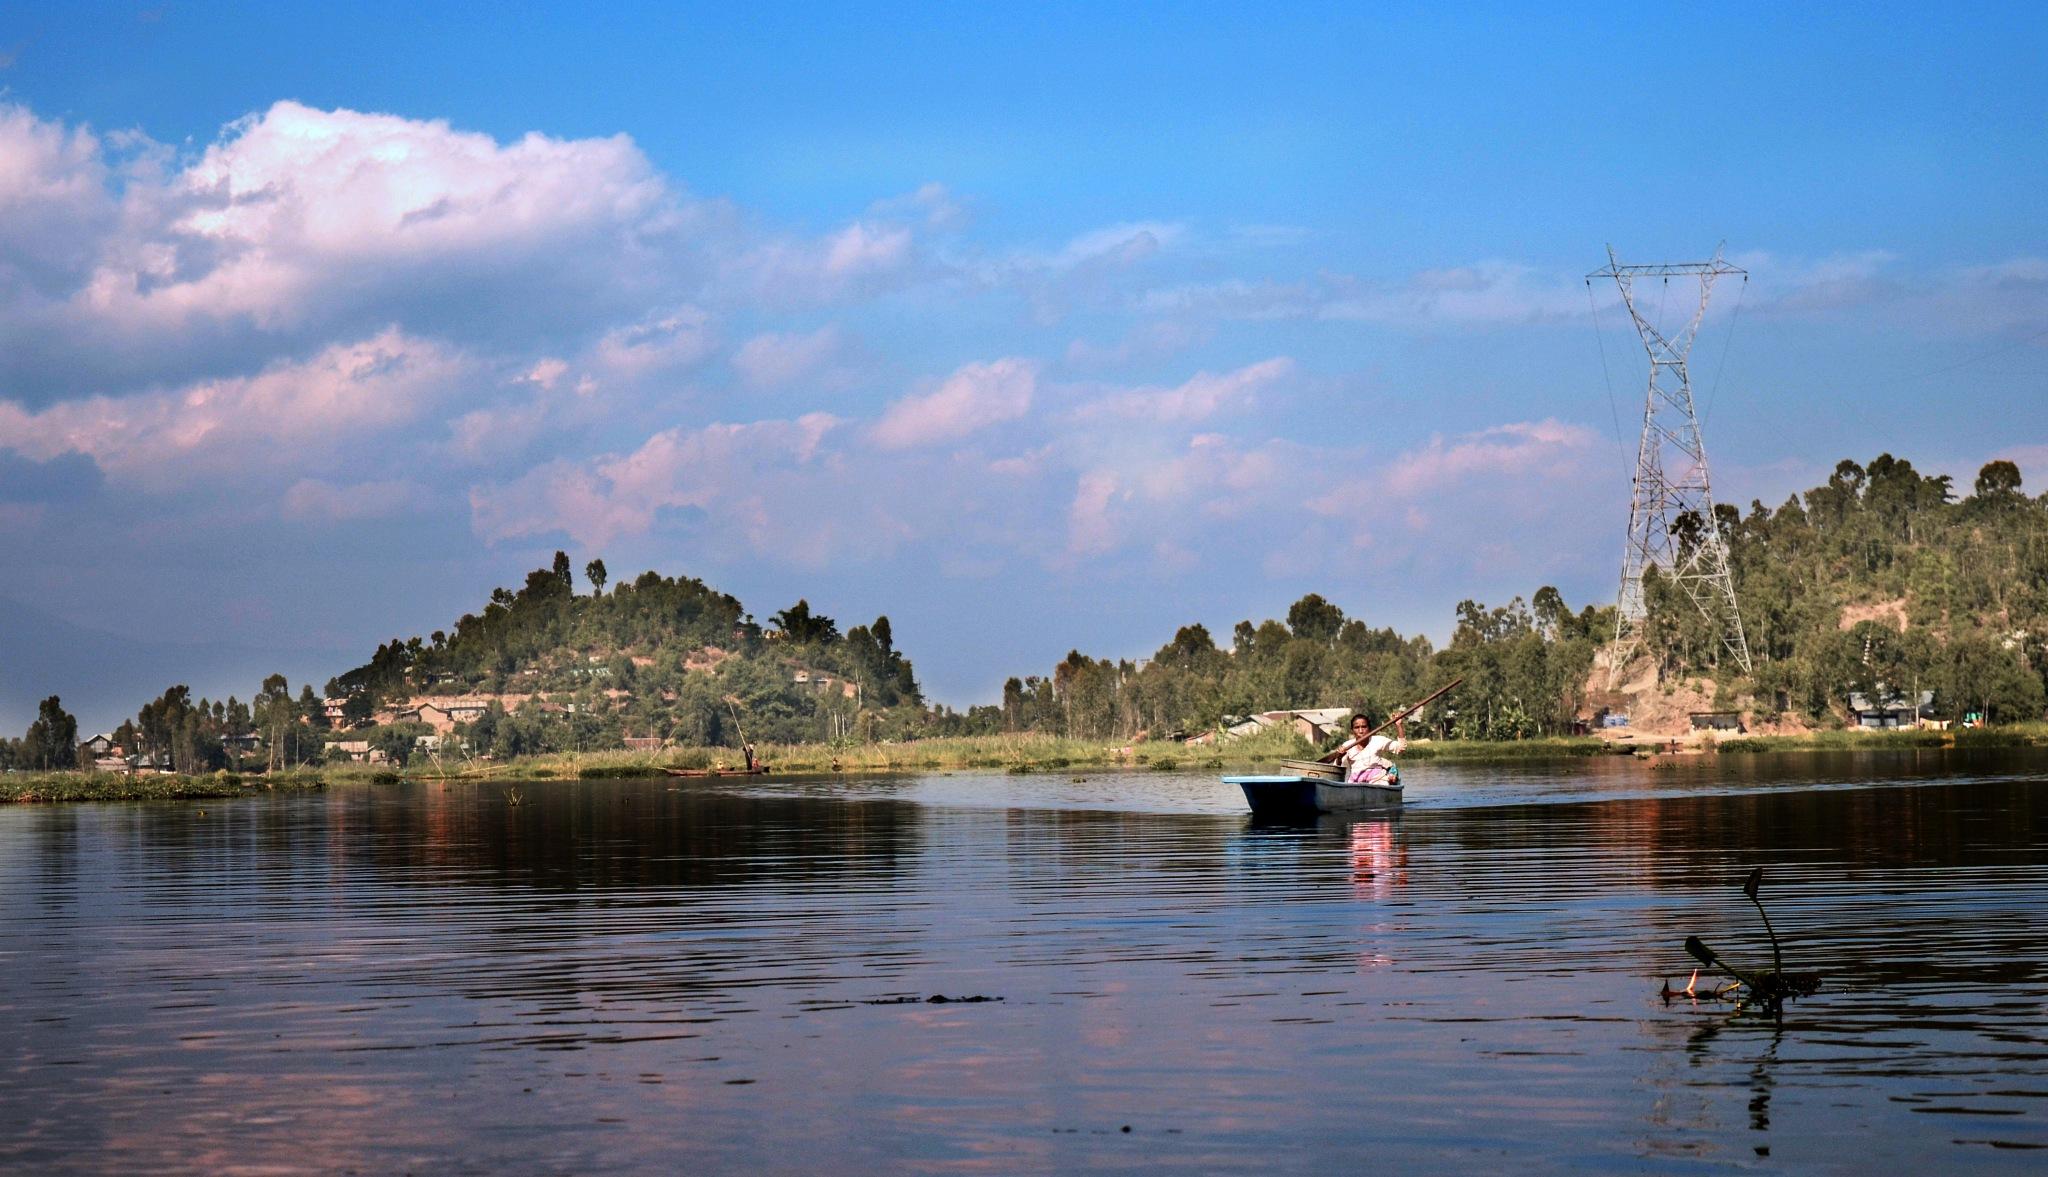 Life style of Karang Manipur, India by umakanta